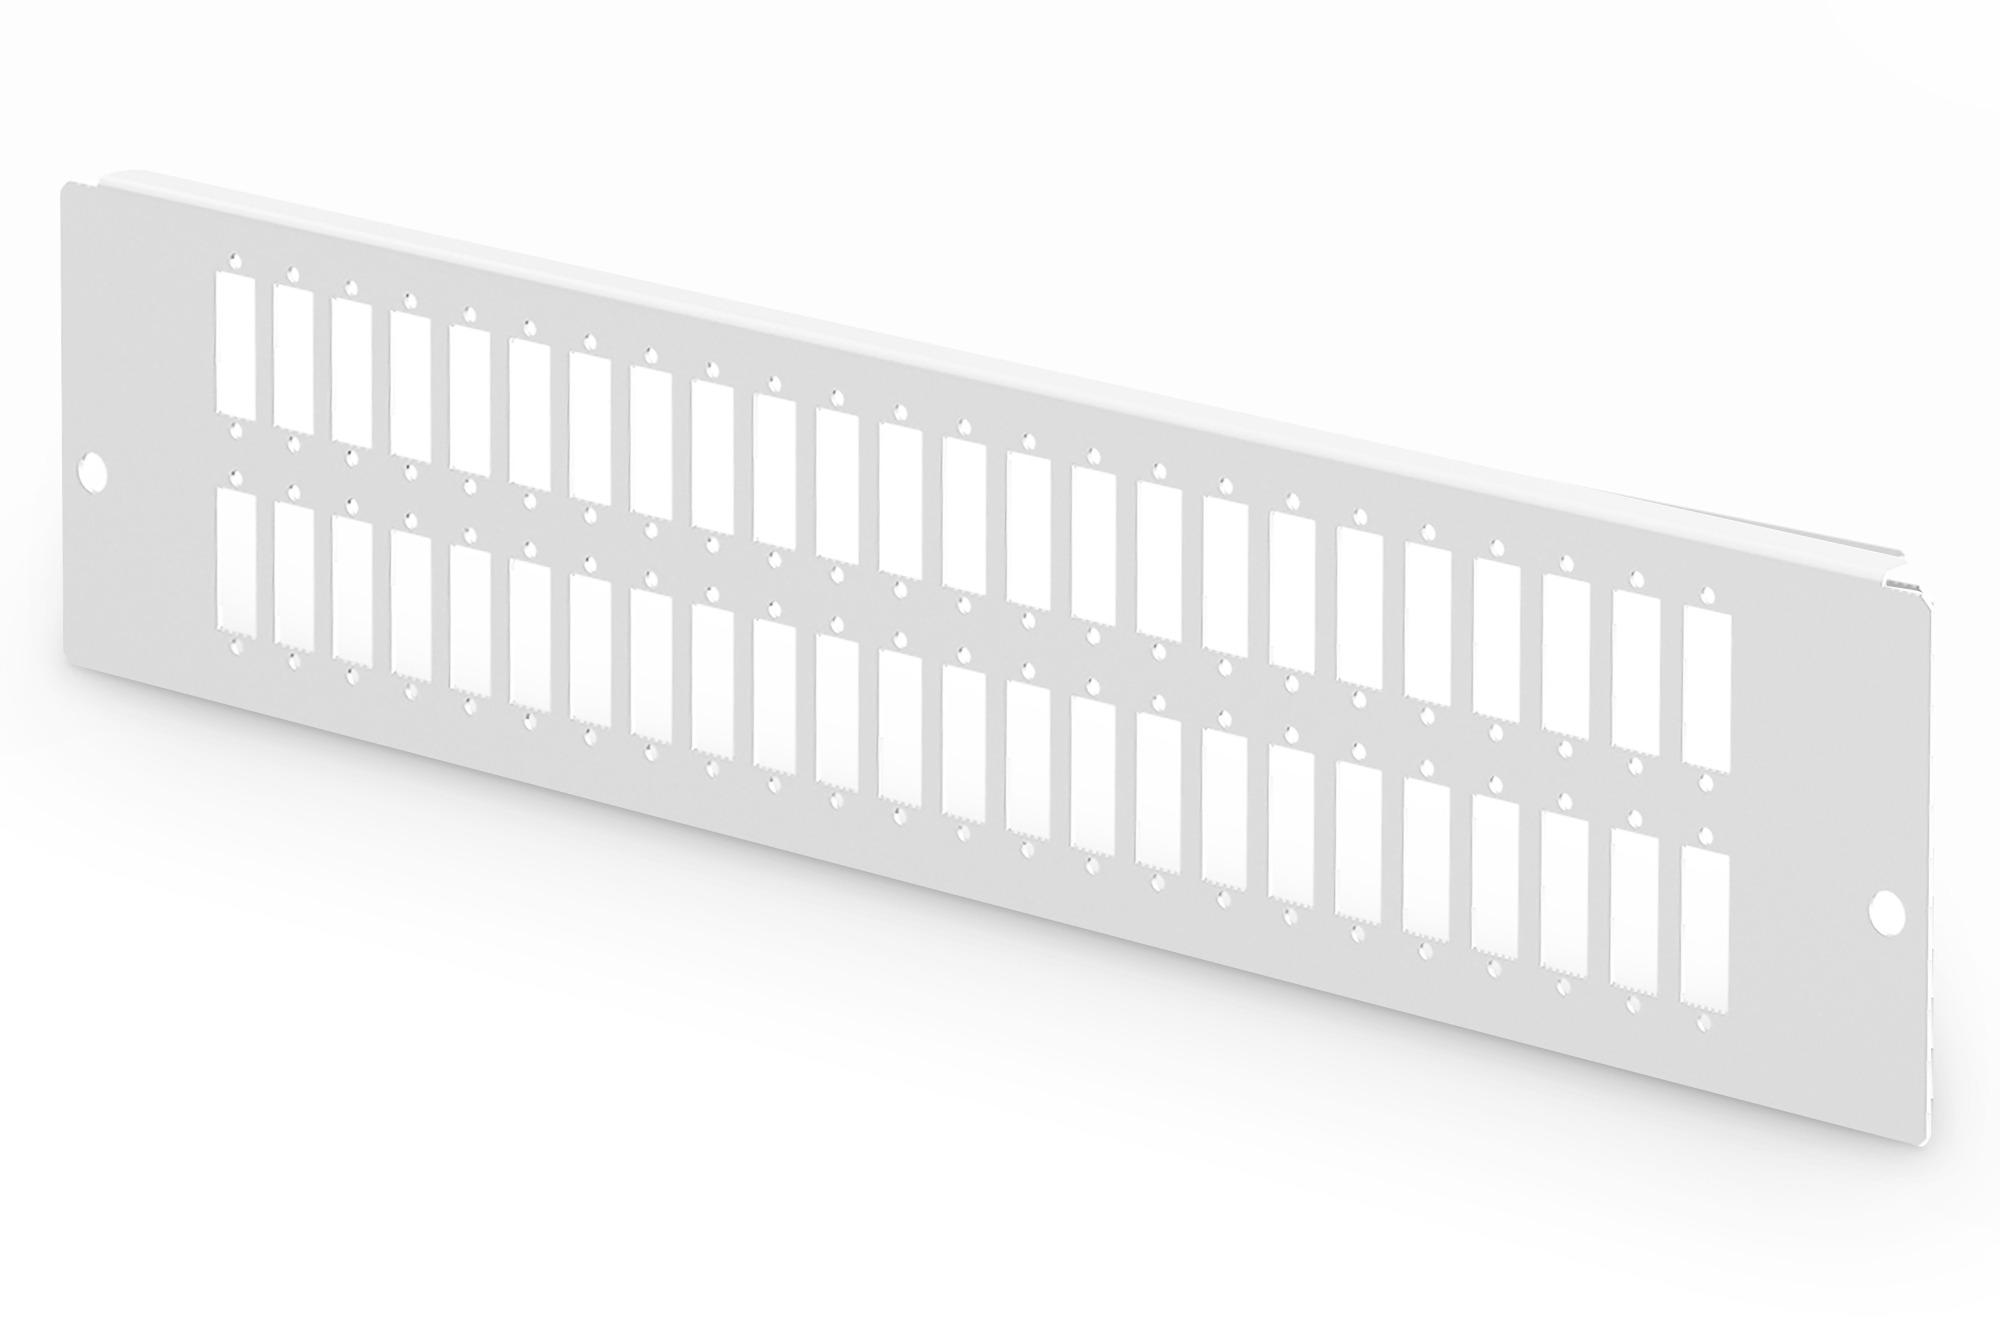 Piastra adattatore per dn-96800l-2, grigio (ral 7035) 48 sc-dx, lc-qd